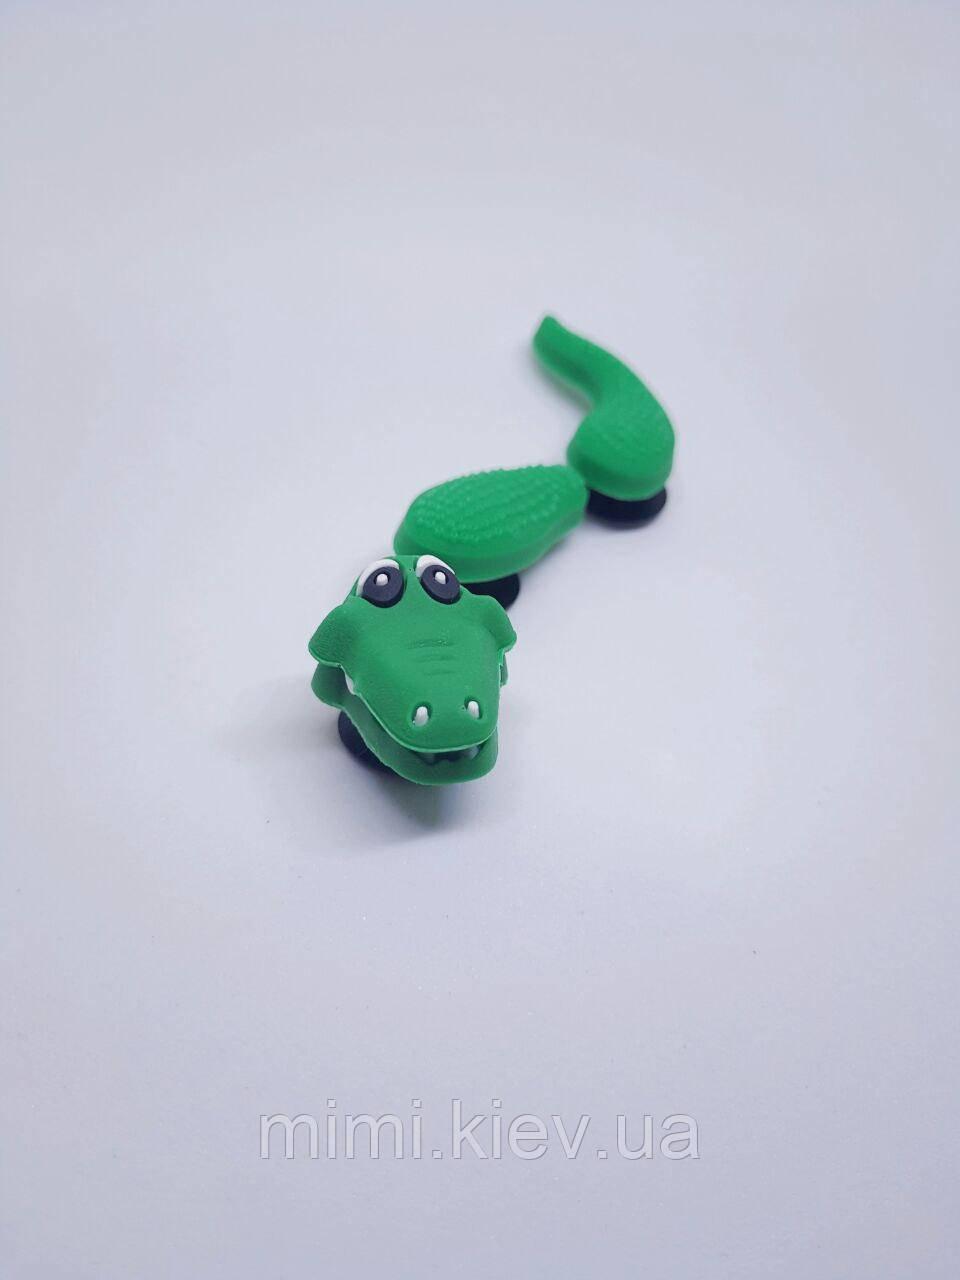 Джибитсы для Crocs Крокодил Гена